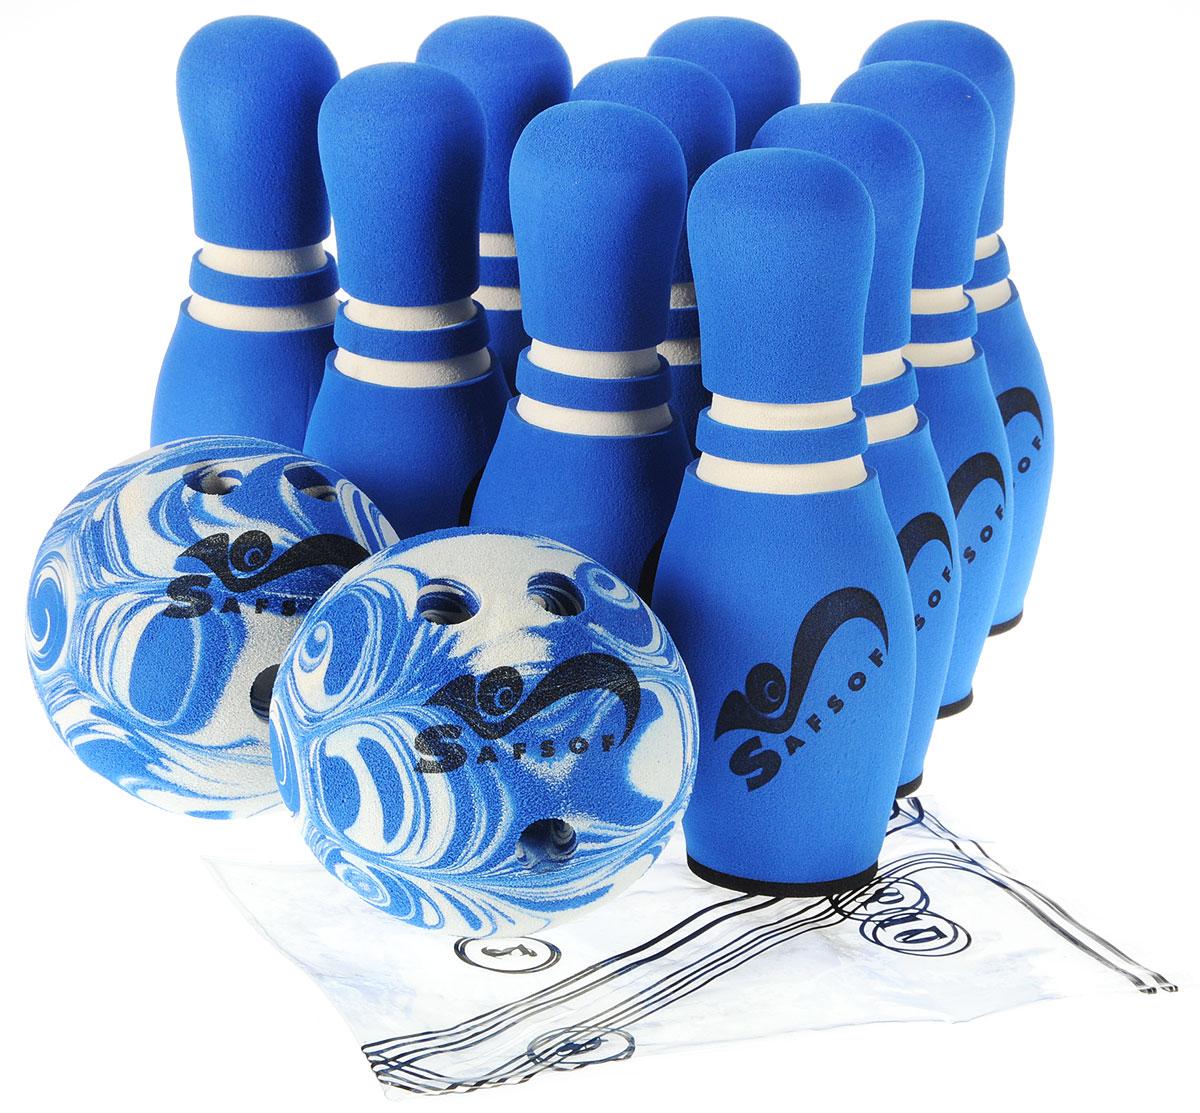 Safsof Игровой набор Боулинг цвет синий белый диаметр шара 14 см